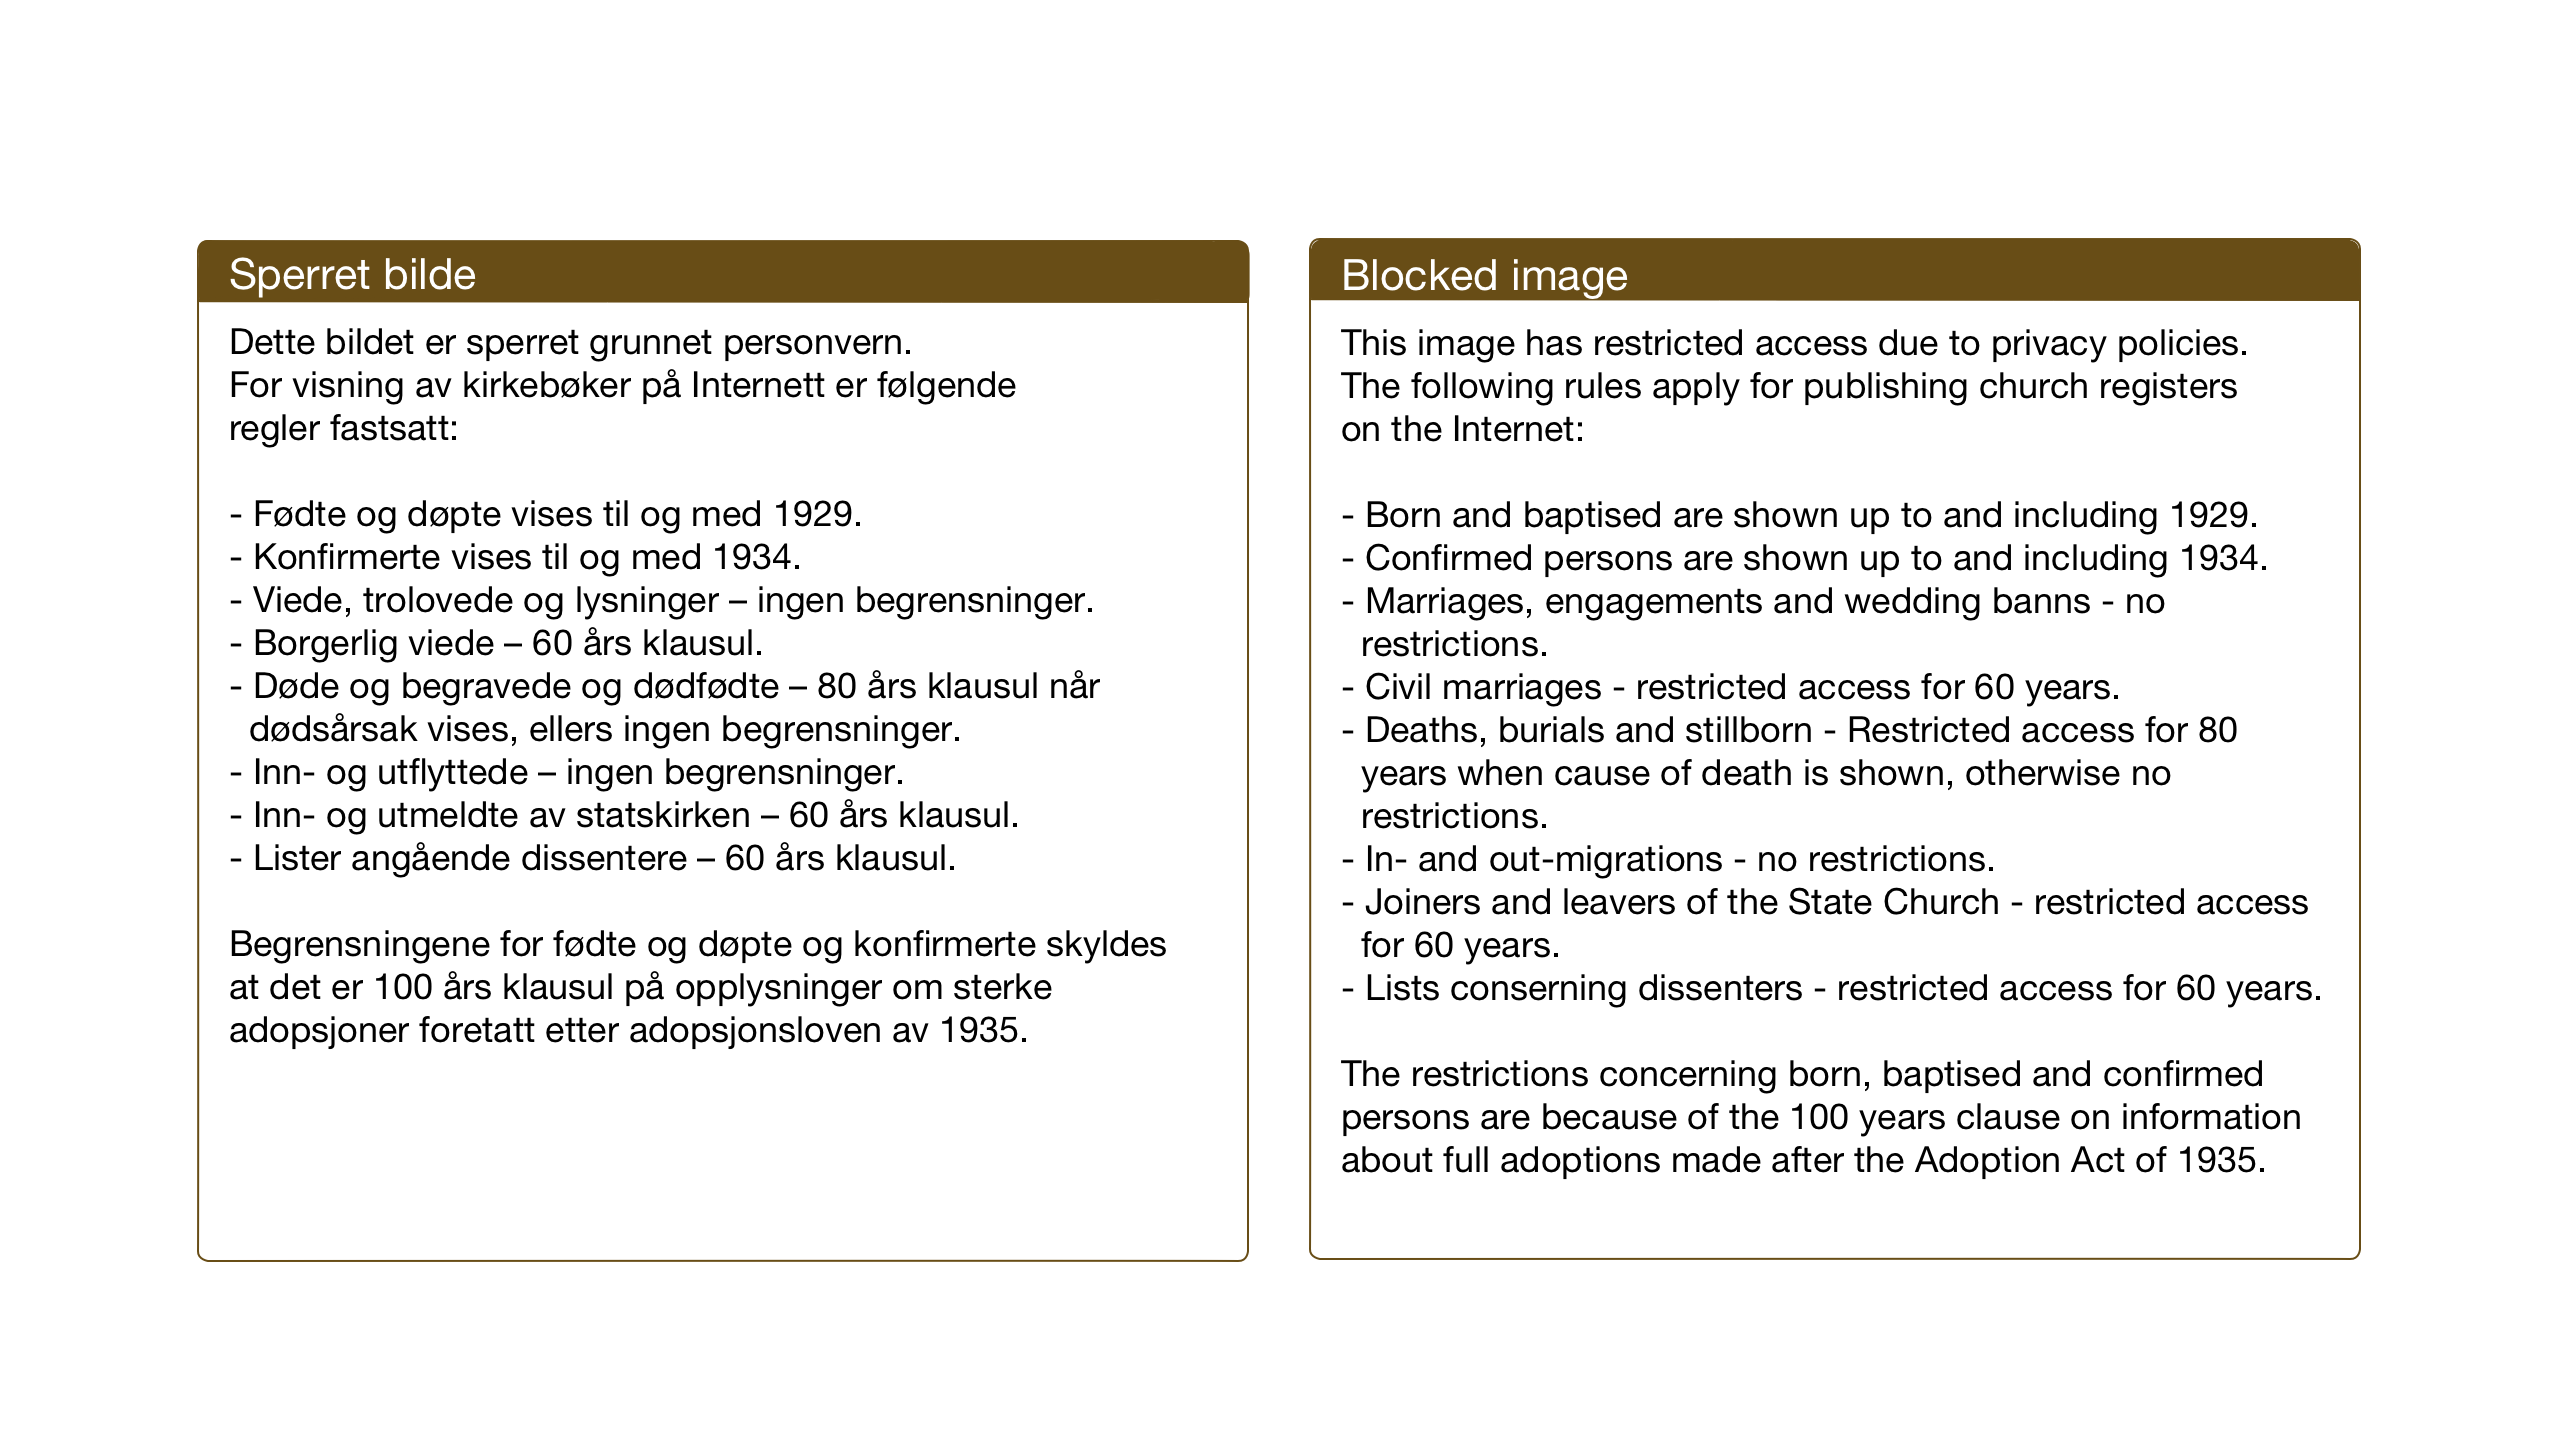 SAT, Ministerialprotokoller, klokkerbøker og fødselsregistre - Sør-Trøndelag, 638/L0569: Klokkerbok nr. 638C01, 1923-1961, s. 144